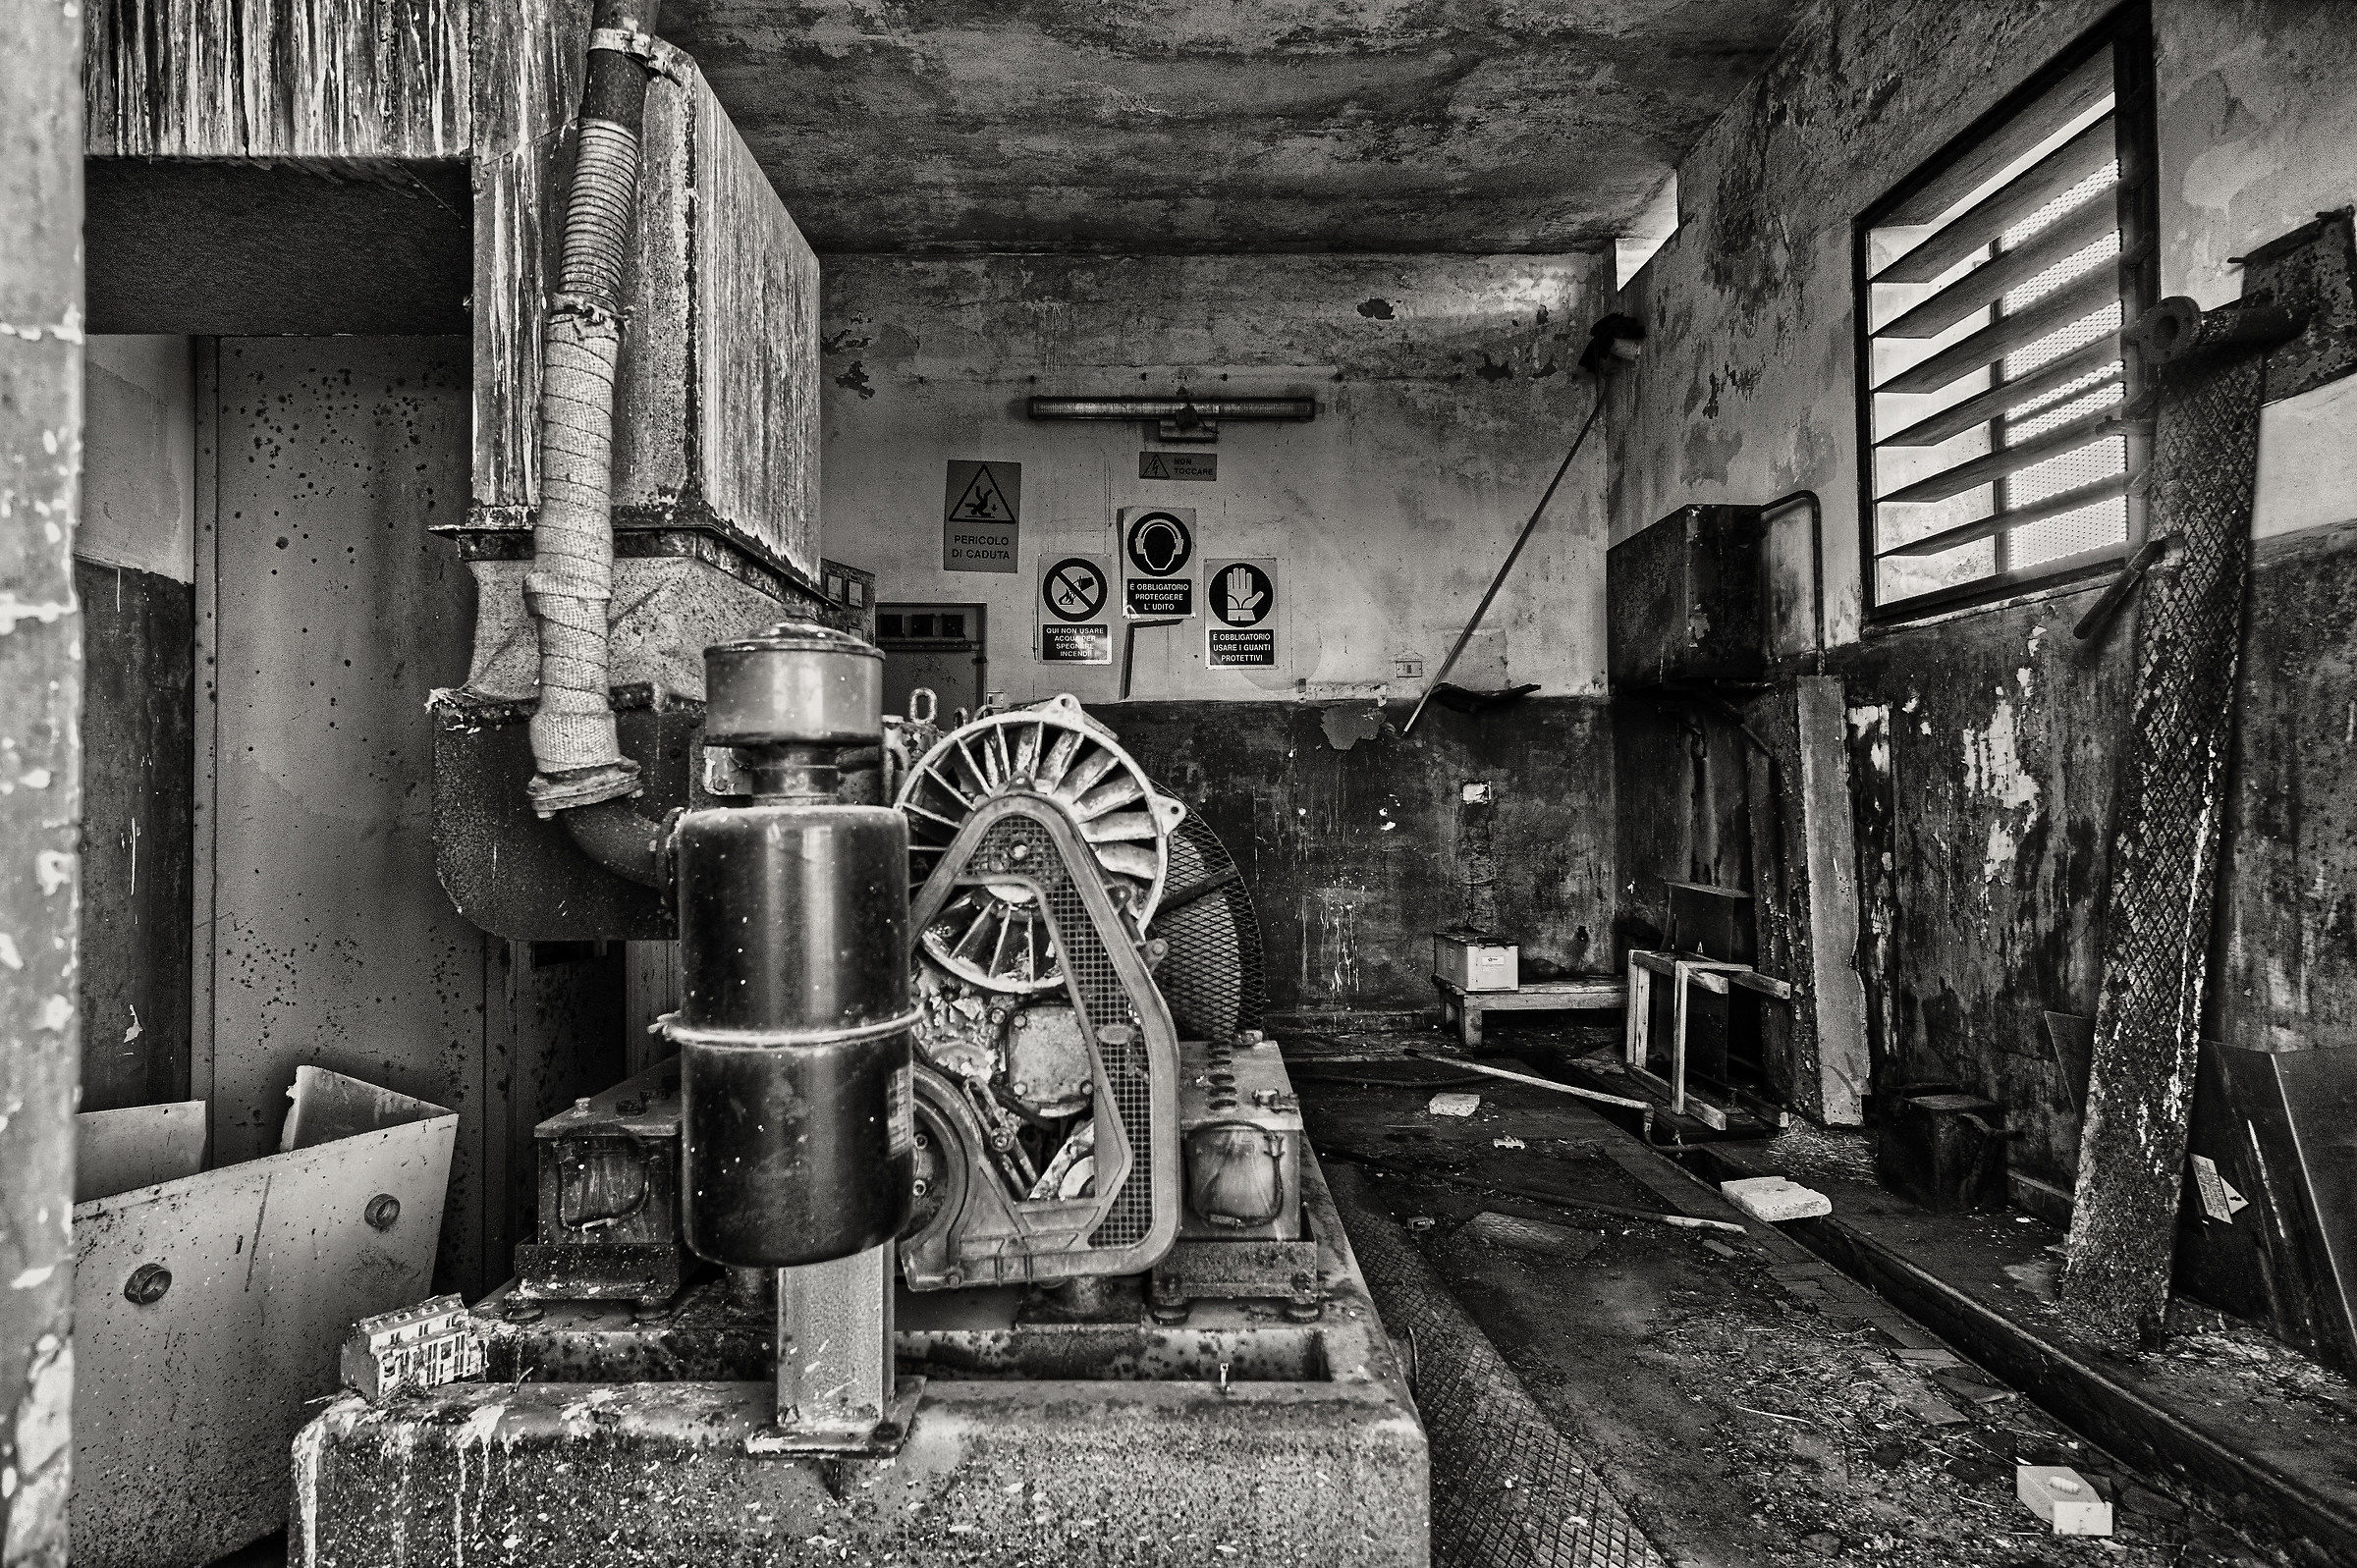 Boiler room...